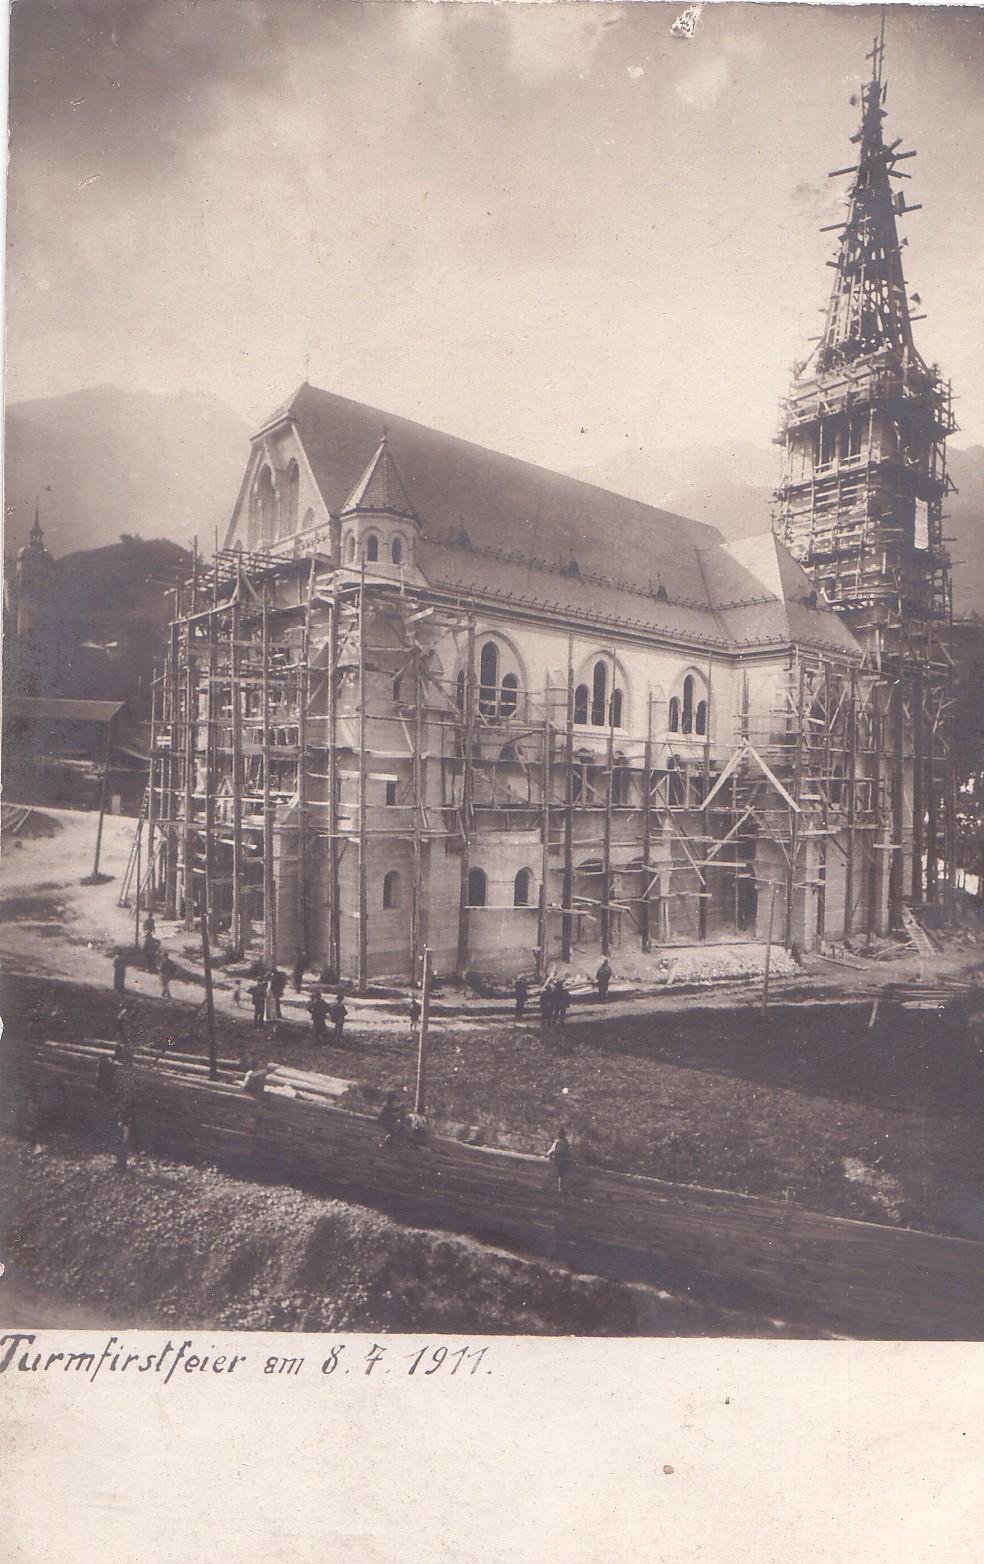 Die Turmfirstfeier Der Neuen Höttinger Kirche